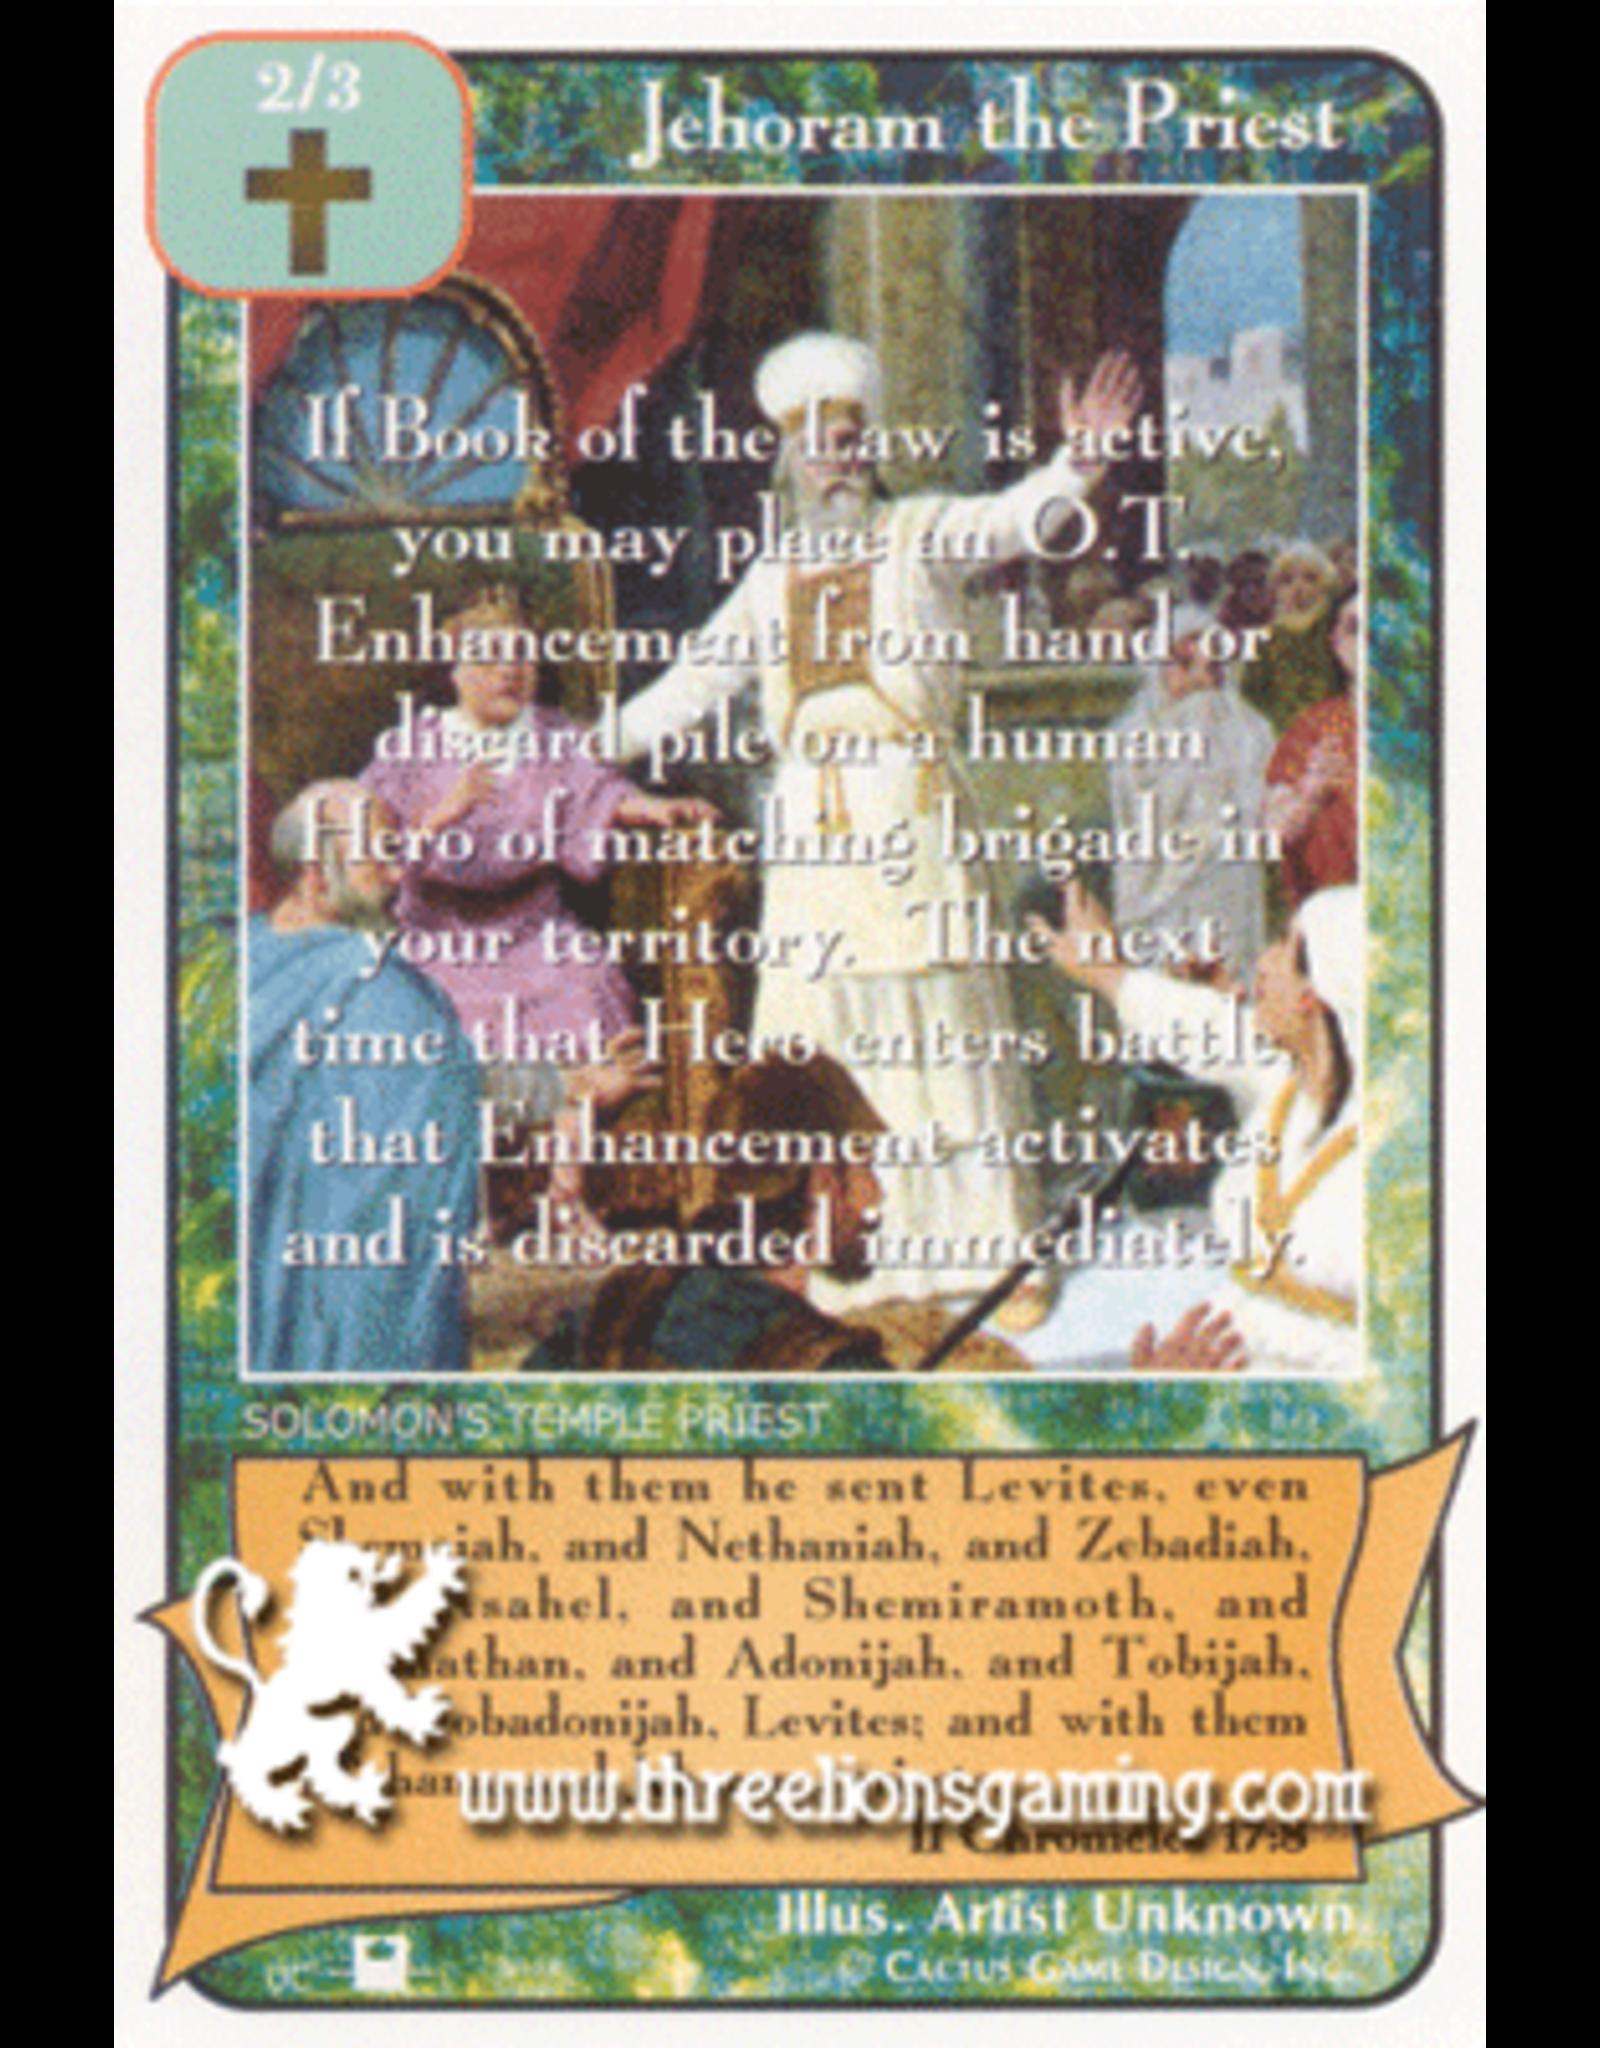 Priest: Jehoram the Priest